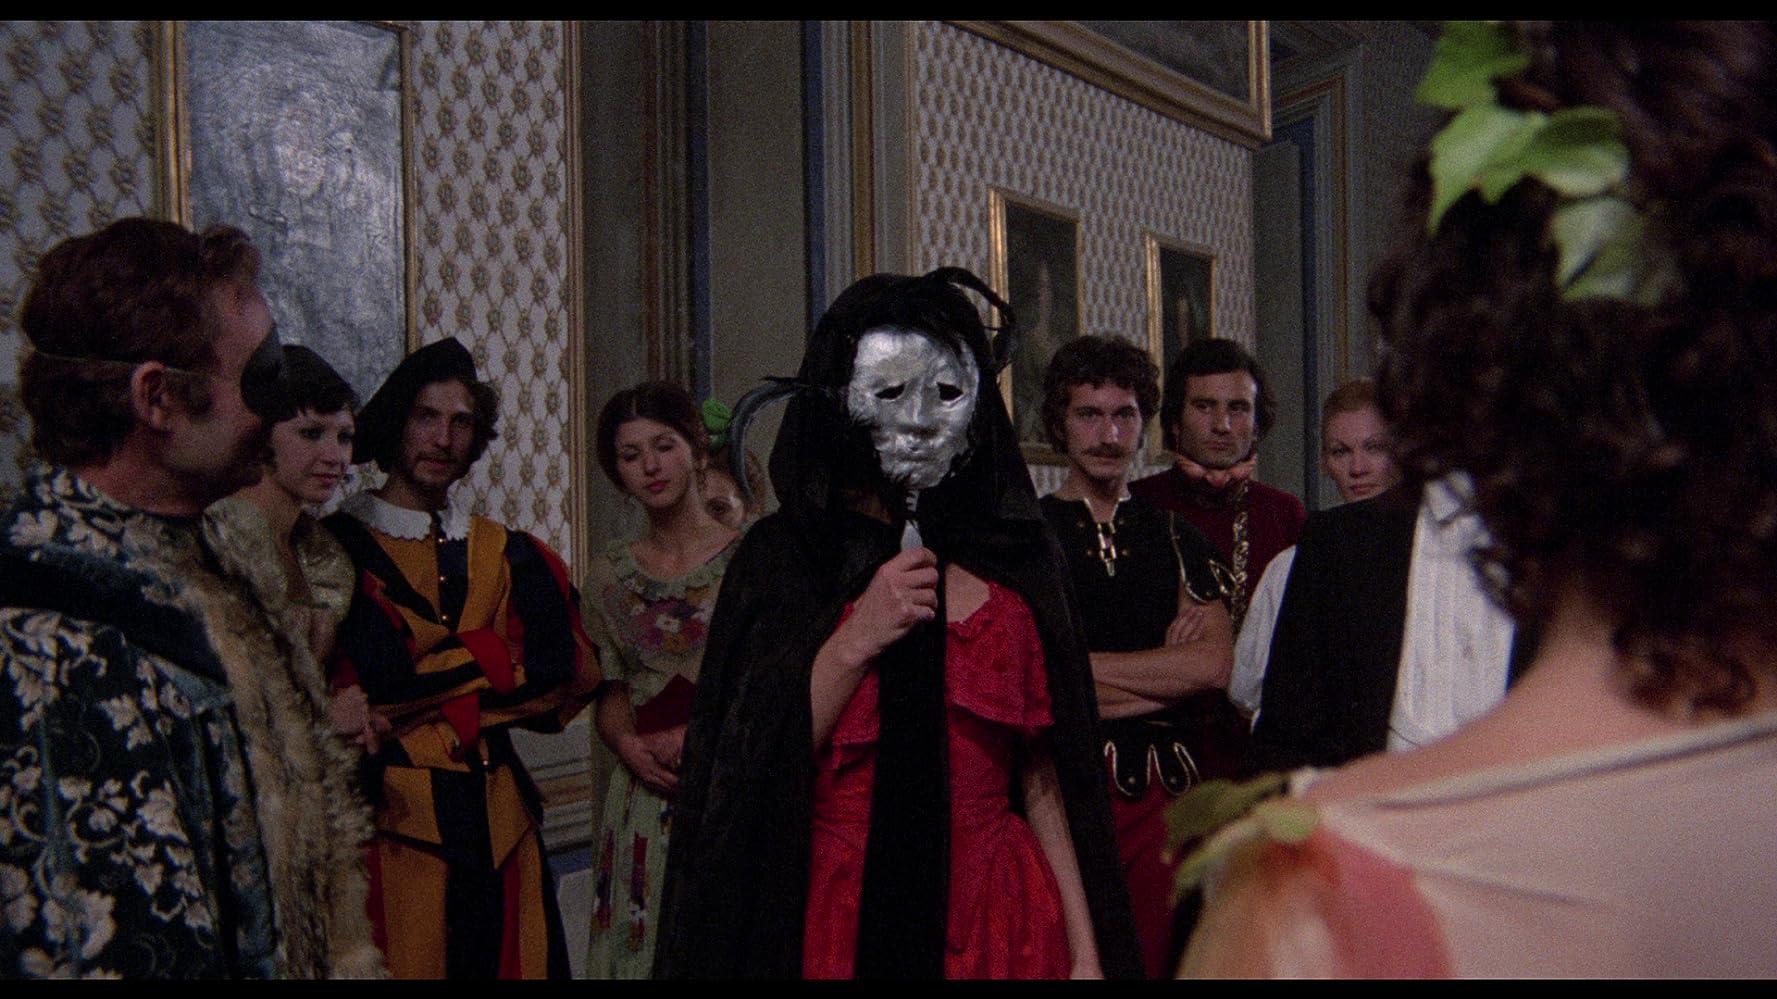 Ewa Aulin and Angela Bo in La morte ha sorriso all'assassino (1973)